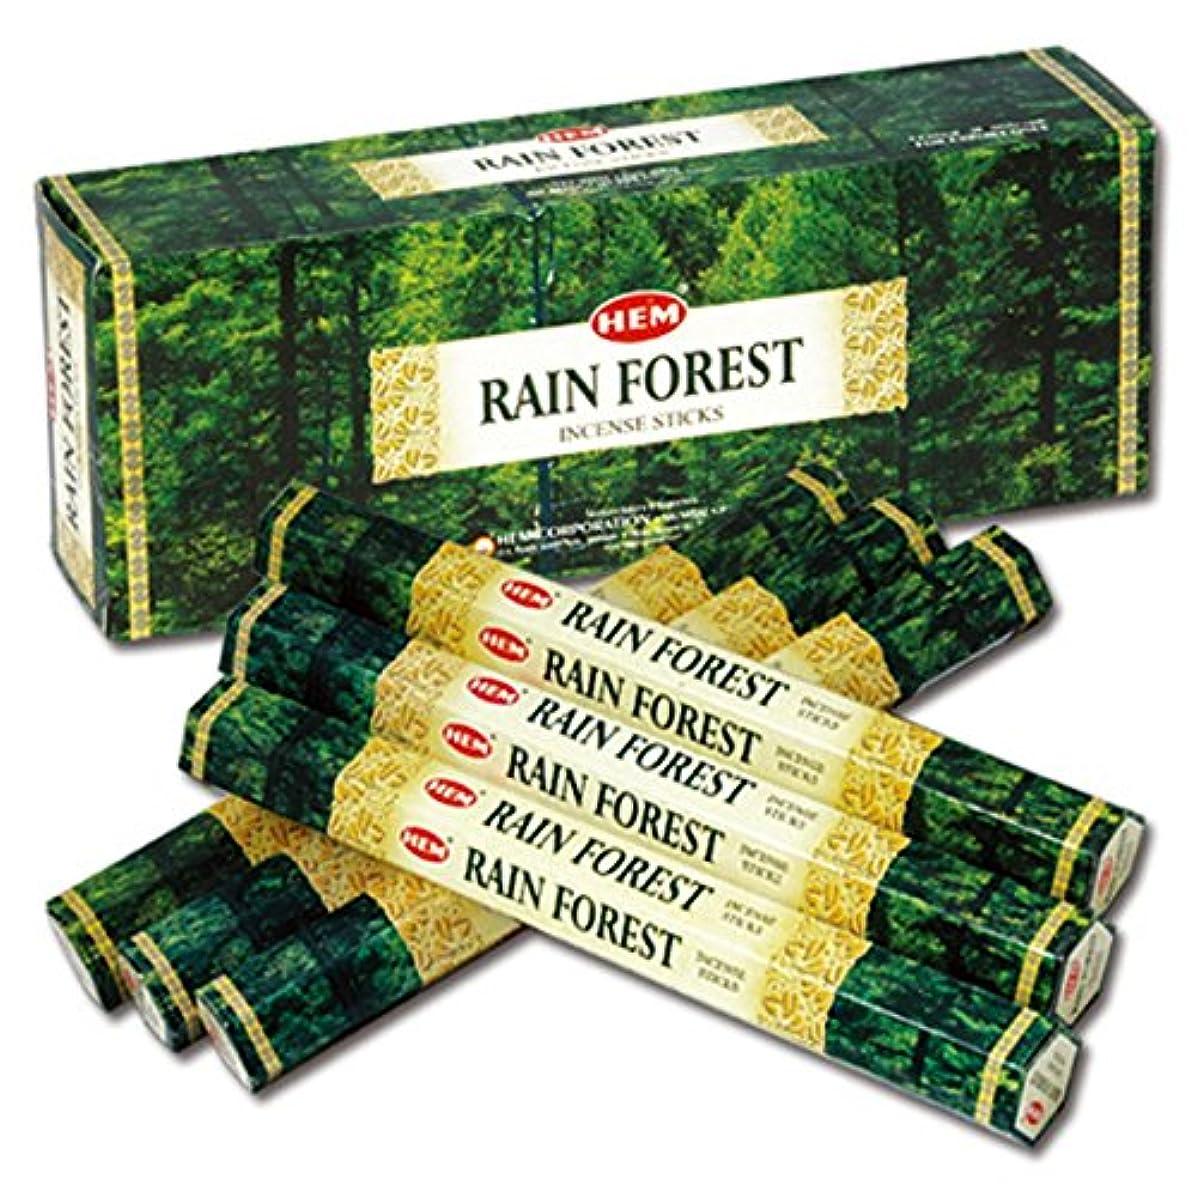 コンパス日食紛争HEM(ヘム) レインフォレスト RAIN FOREST スティックタイプ お香 6筒 セット [並行輸入品]